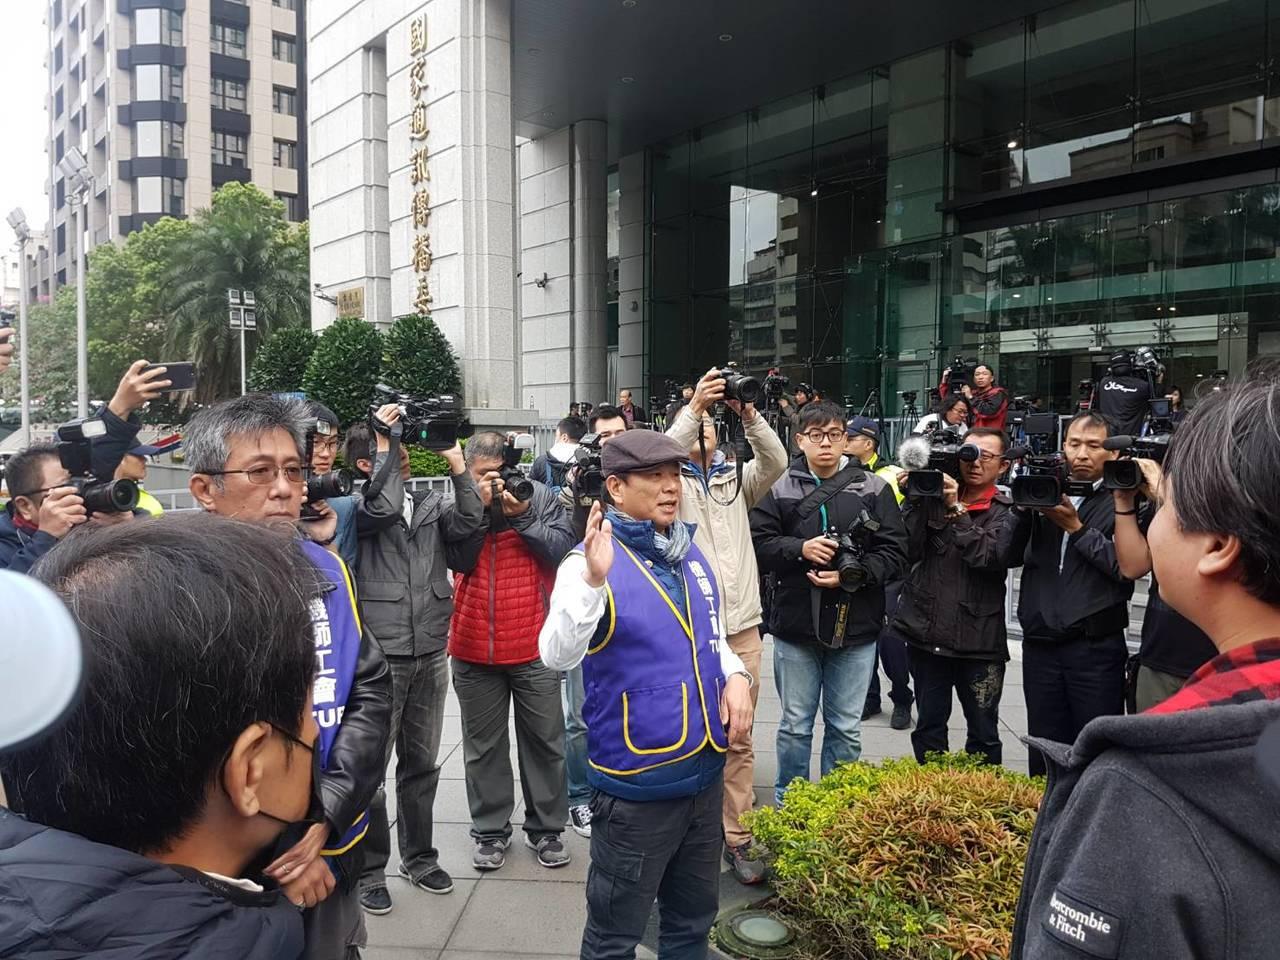 對於罷工持正反意見兩方將在5點多集結交通部前表達訴求,為避免衝突,機師工會代表陳...